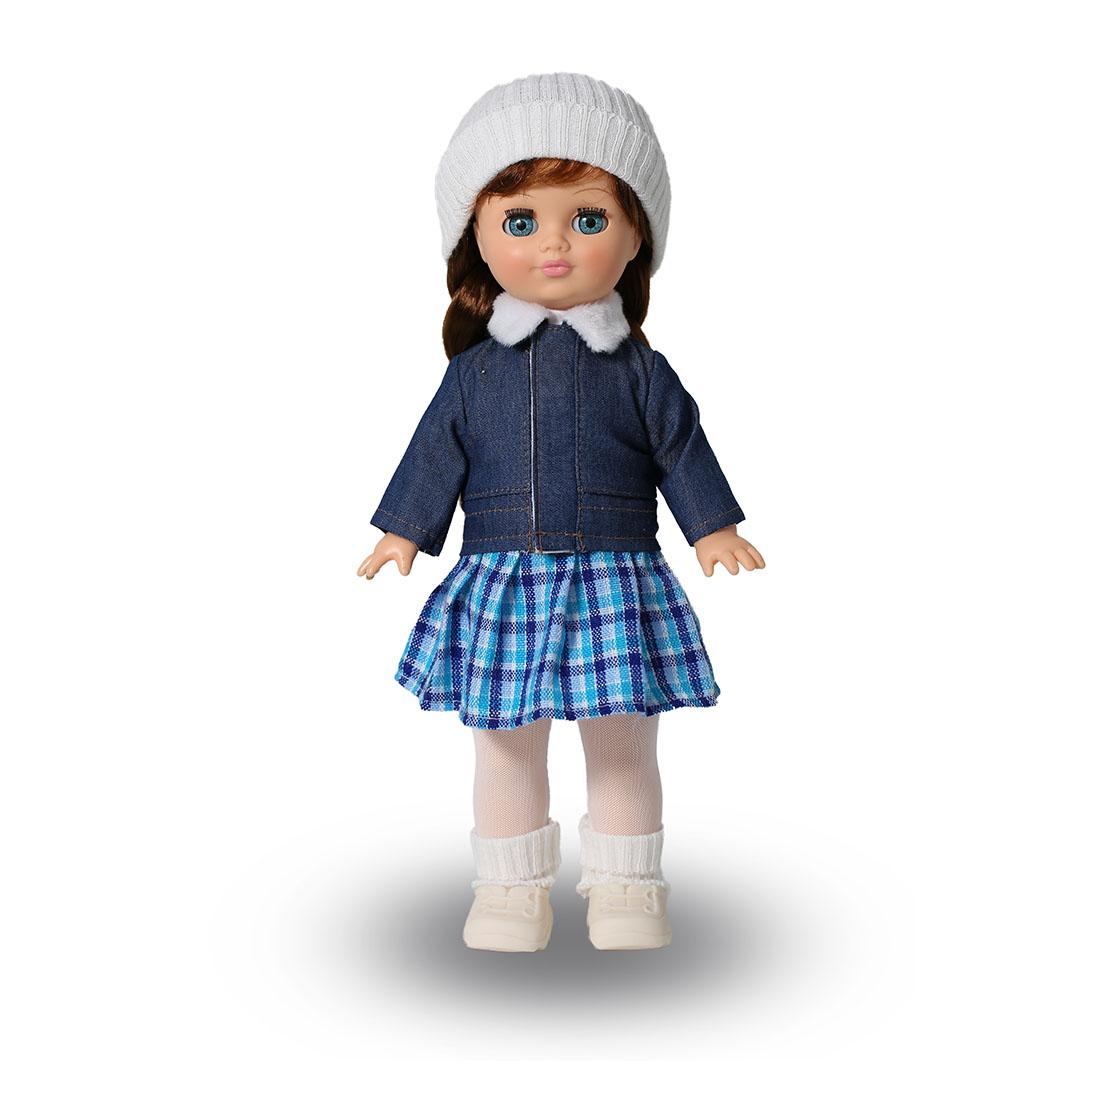 Кукла Маргарита 14, озвученная 38 смРусские куклы фабрики Весна<br>Кукла Маргарита 14, озвученная 38 см<br>